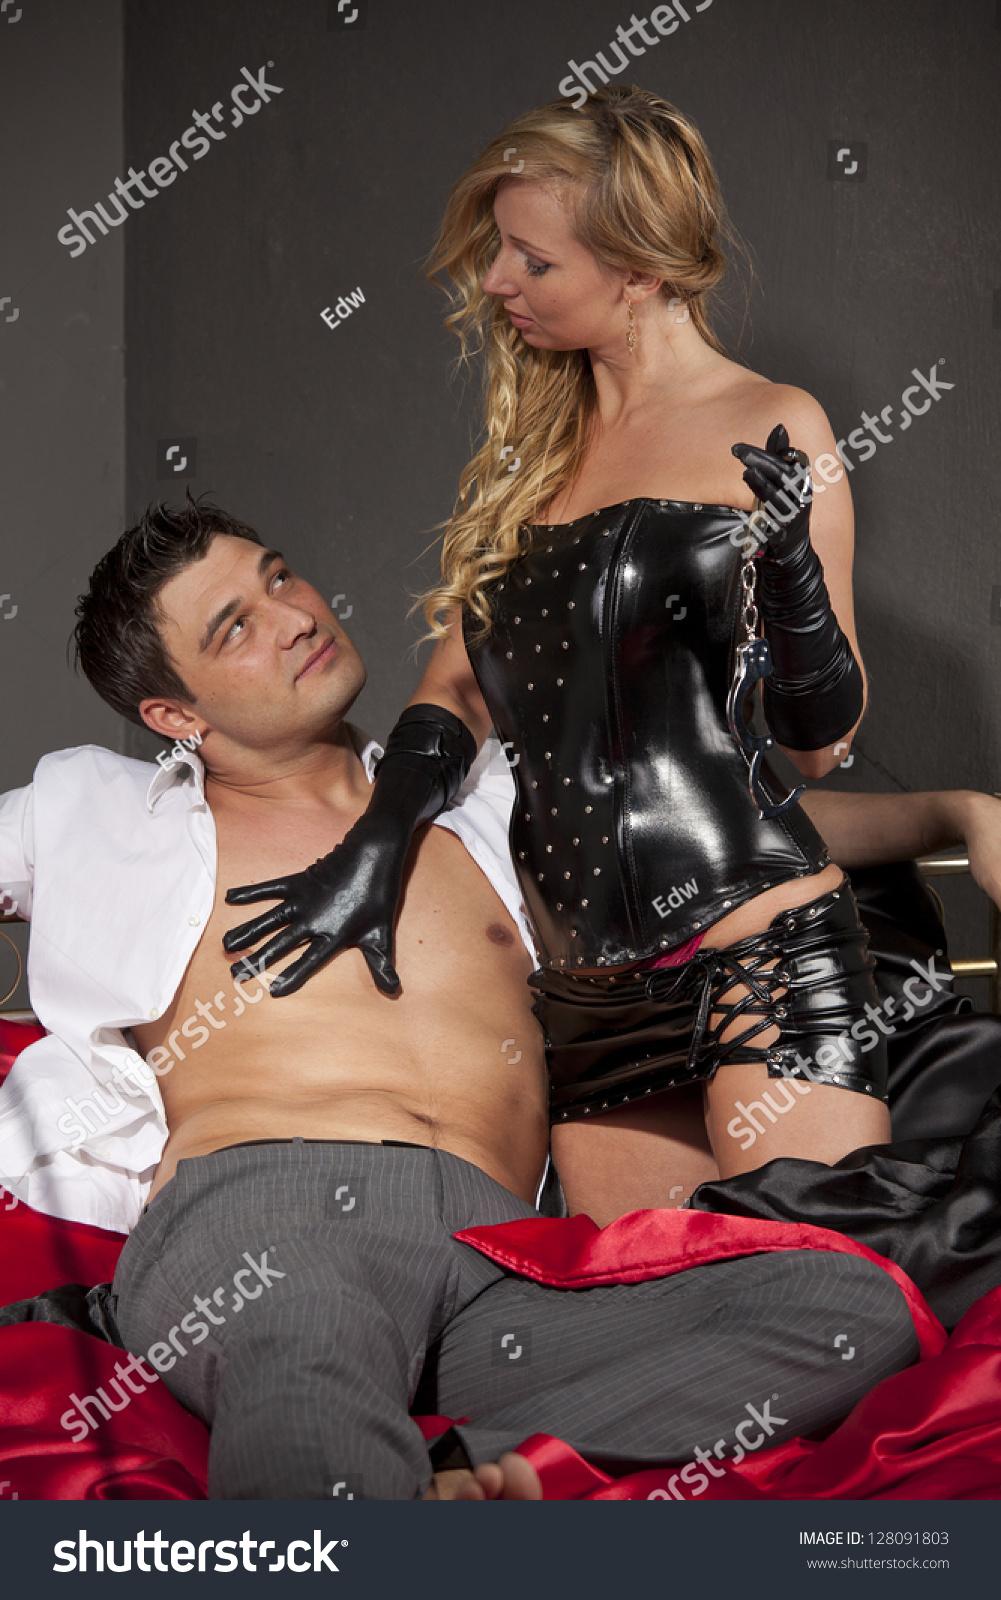 Sex games in the bedroom